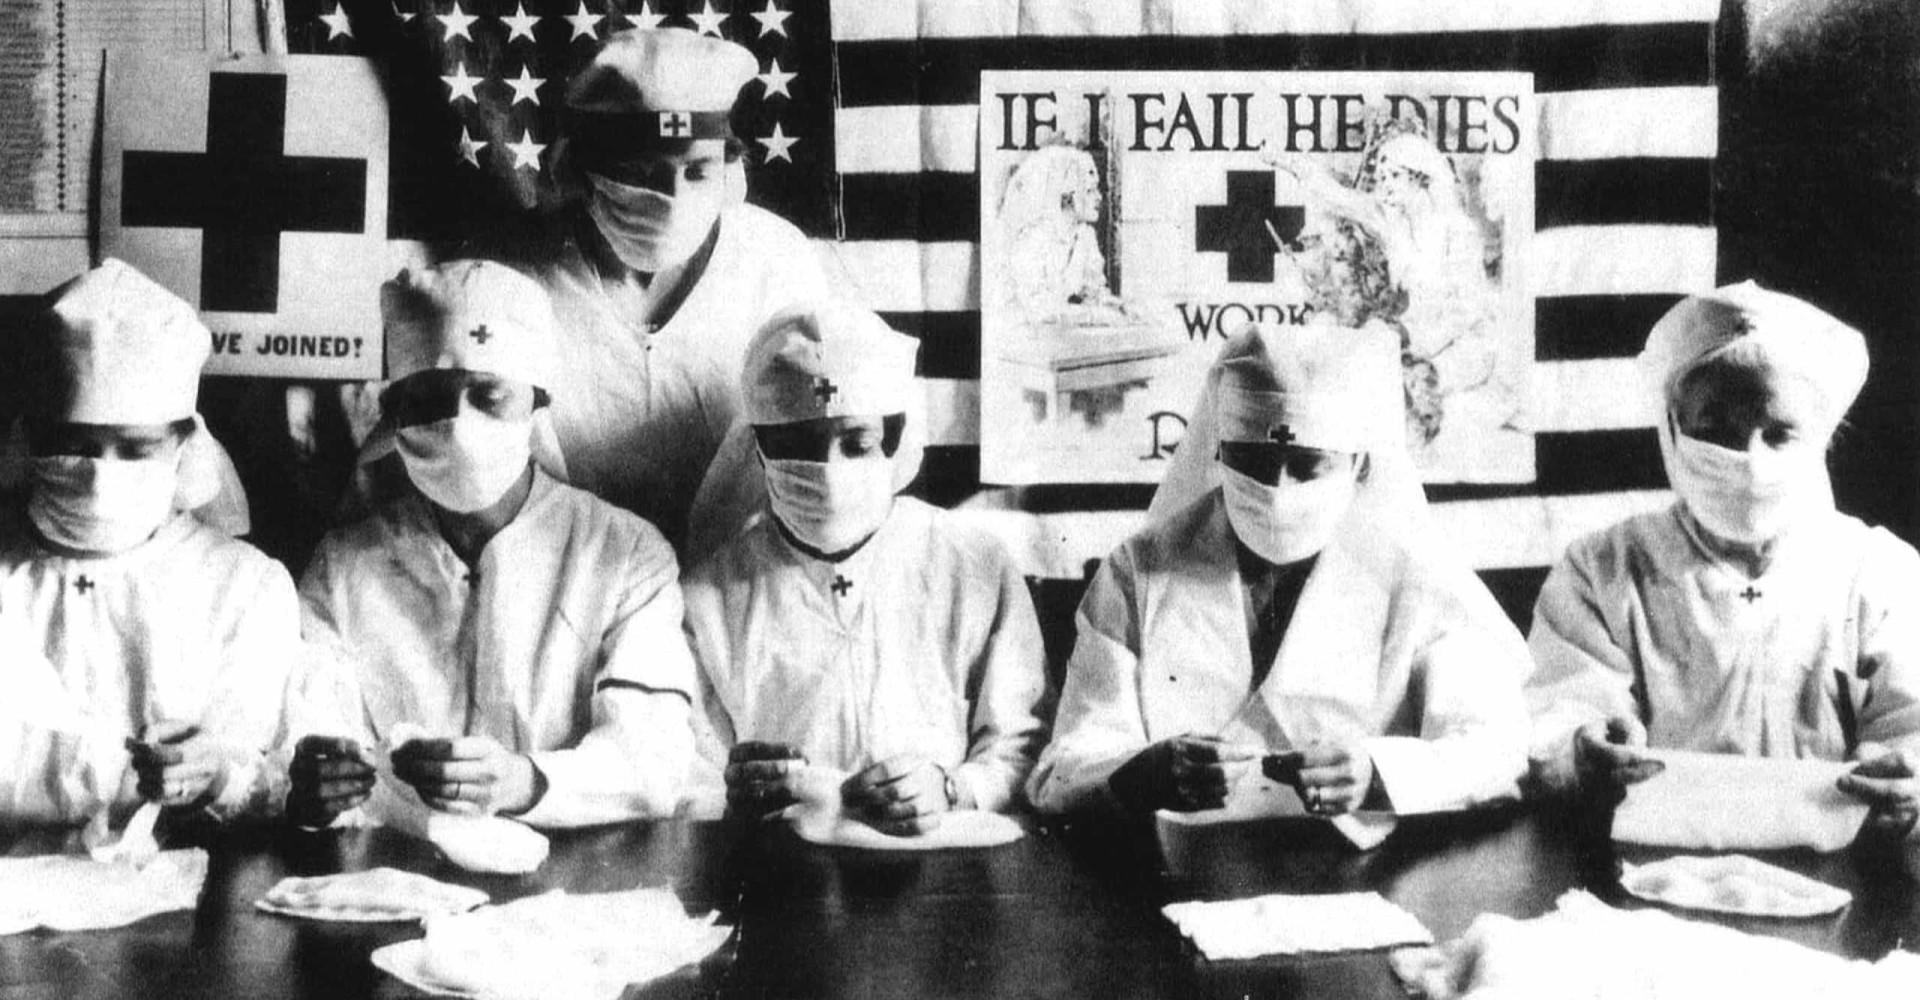 코로나 특집: 사진으로 되돌아보는 '1918년 스페인 독감'